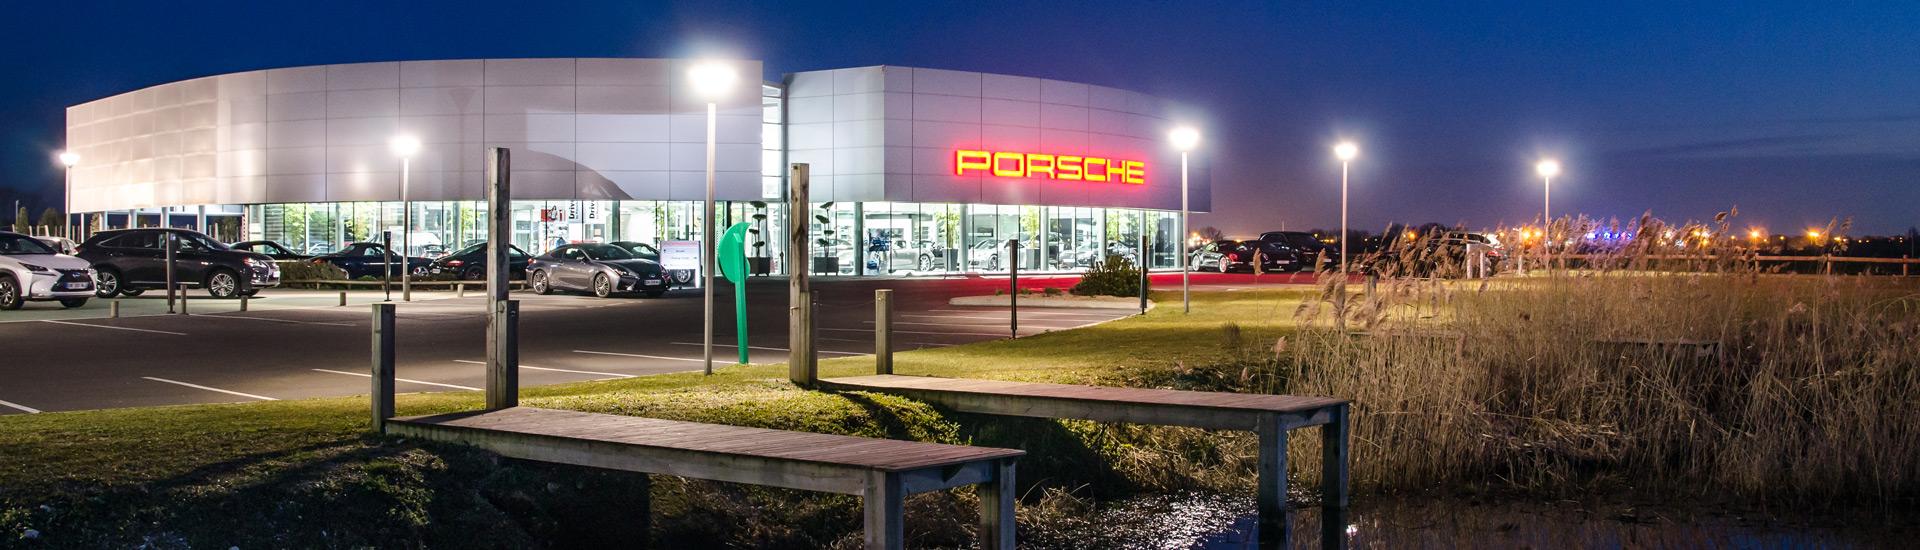 RCM - Porsche - La Rochelle